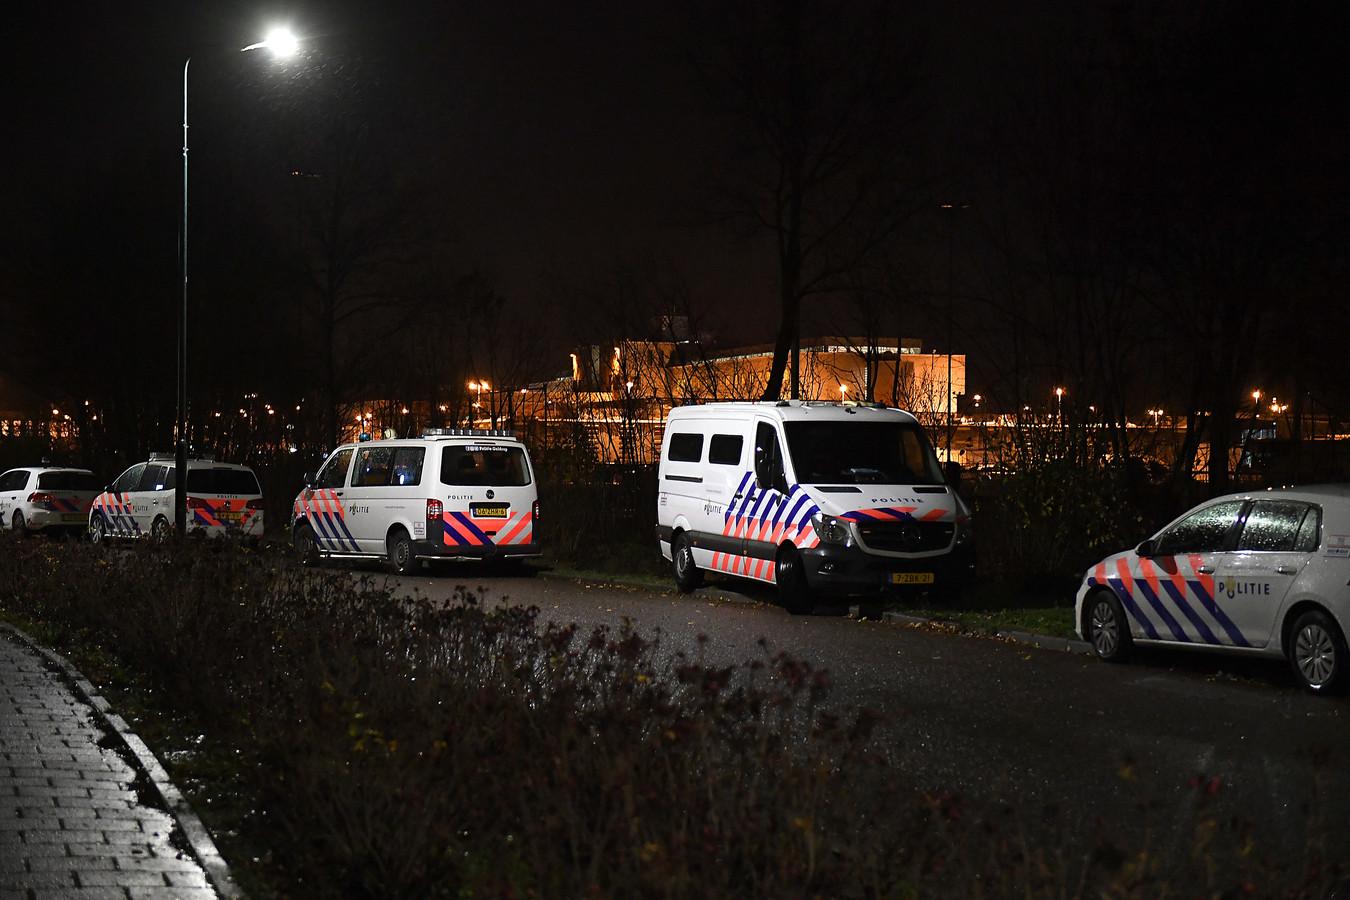 Katwijk: 07-12-2018, DG_FotoDorp in beeld vanwege Project X feest aan de Boggerd.Politie en Gemeente staan op scherp.Foto: Ed van Alem